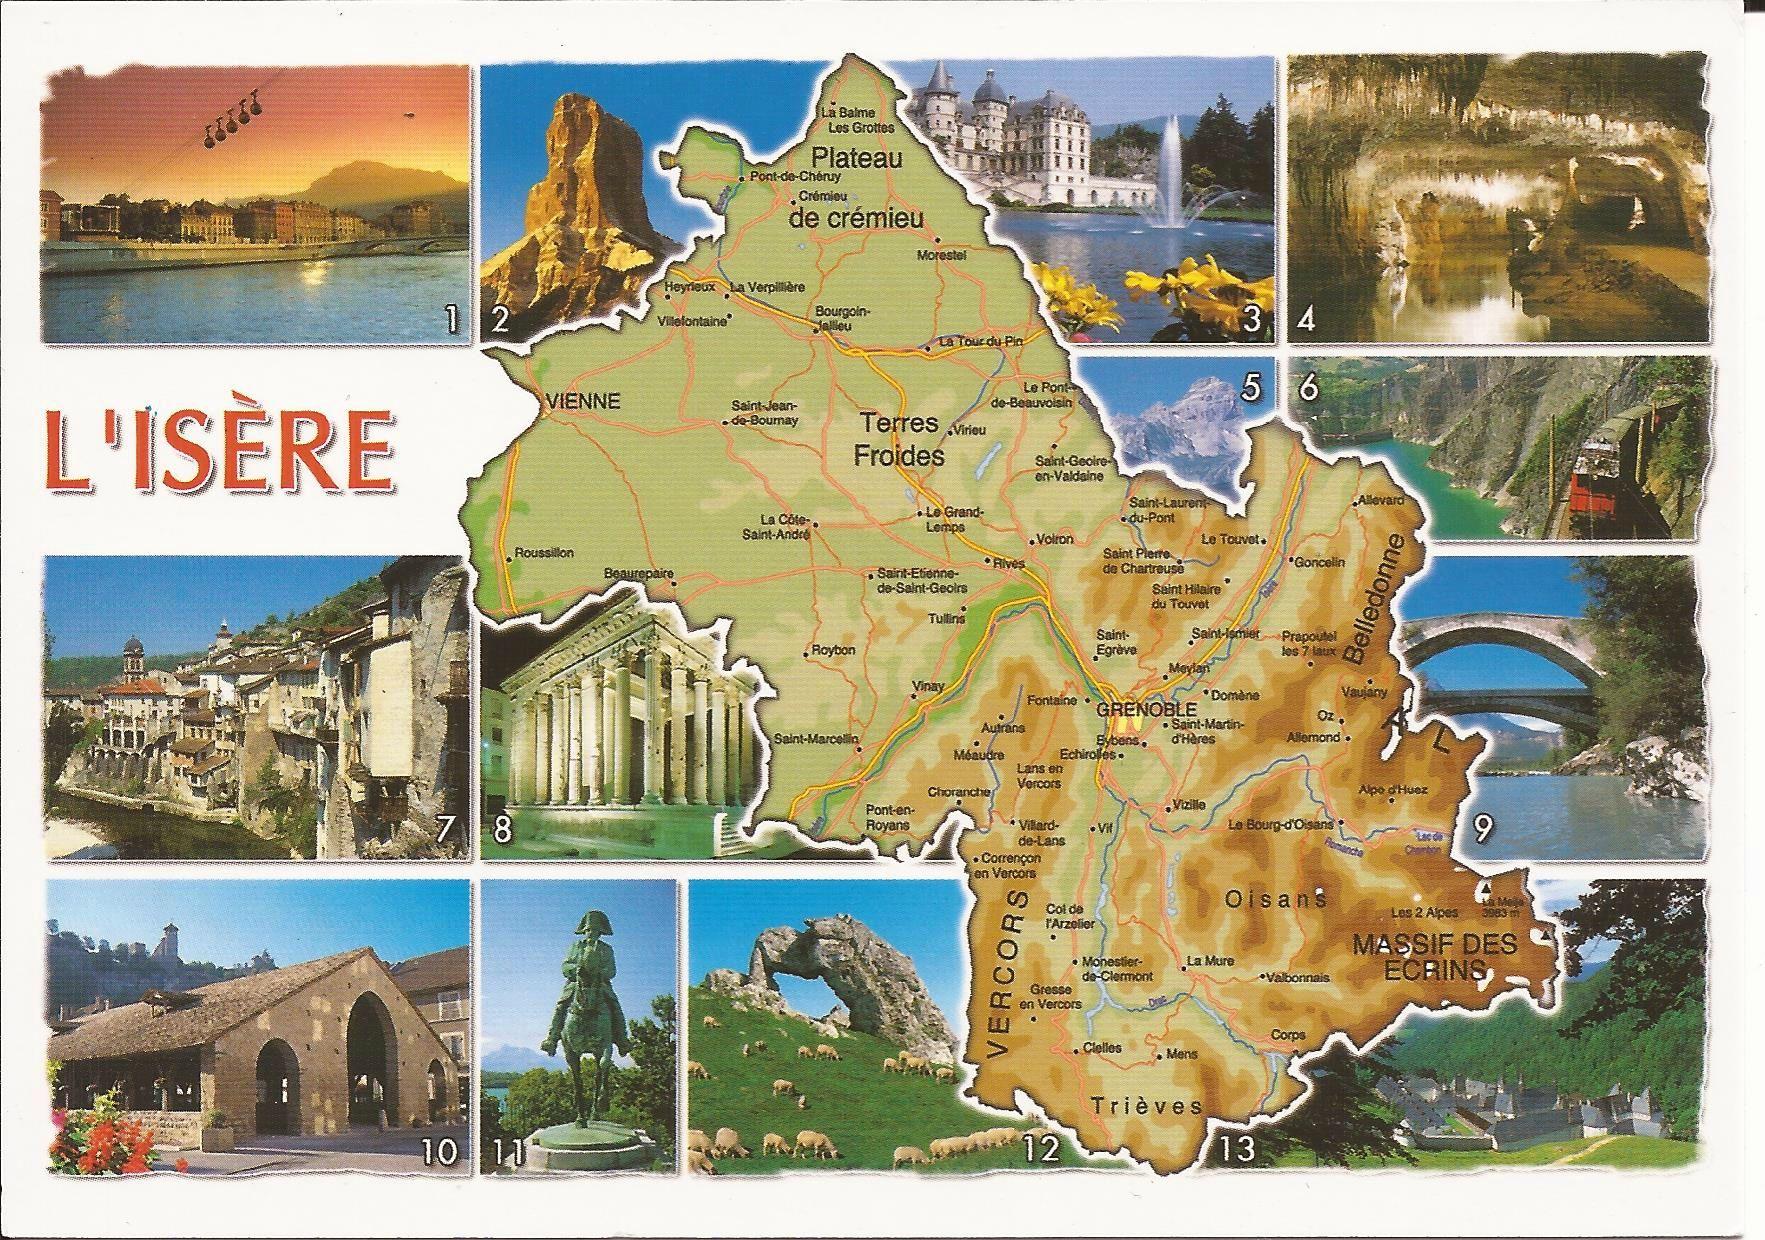 38 Isere Dans Ma Boite Aux Lettres Cartes Postales De France